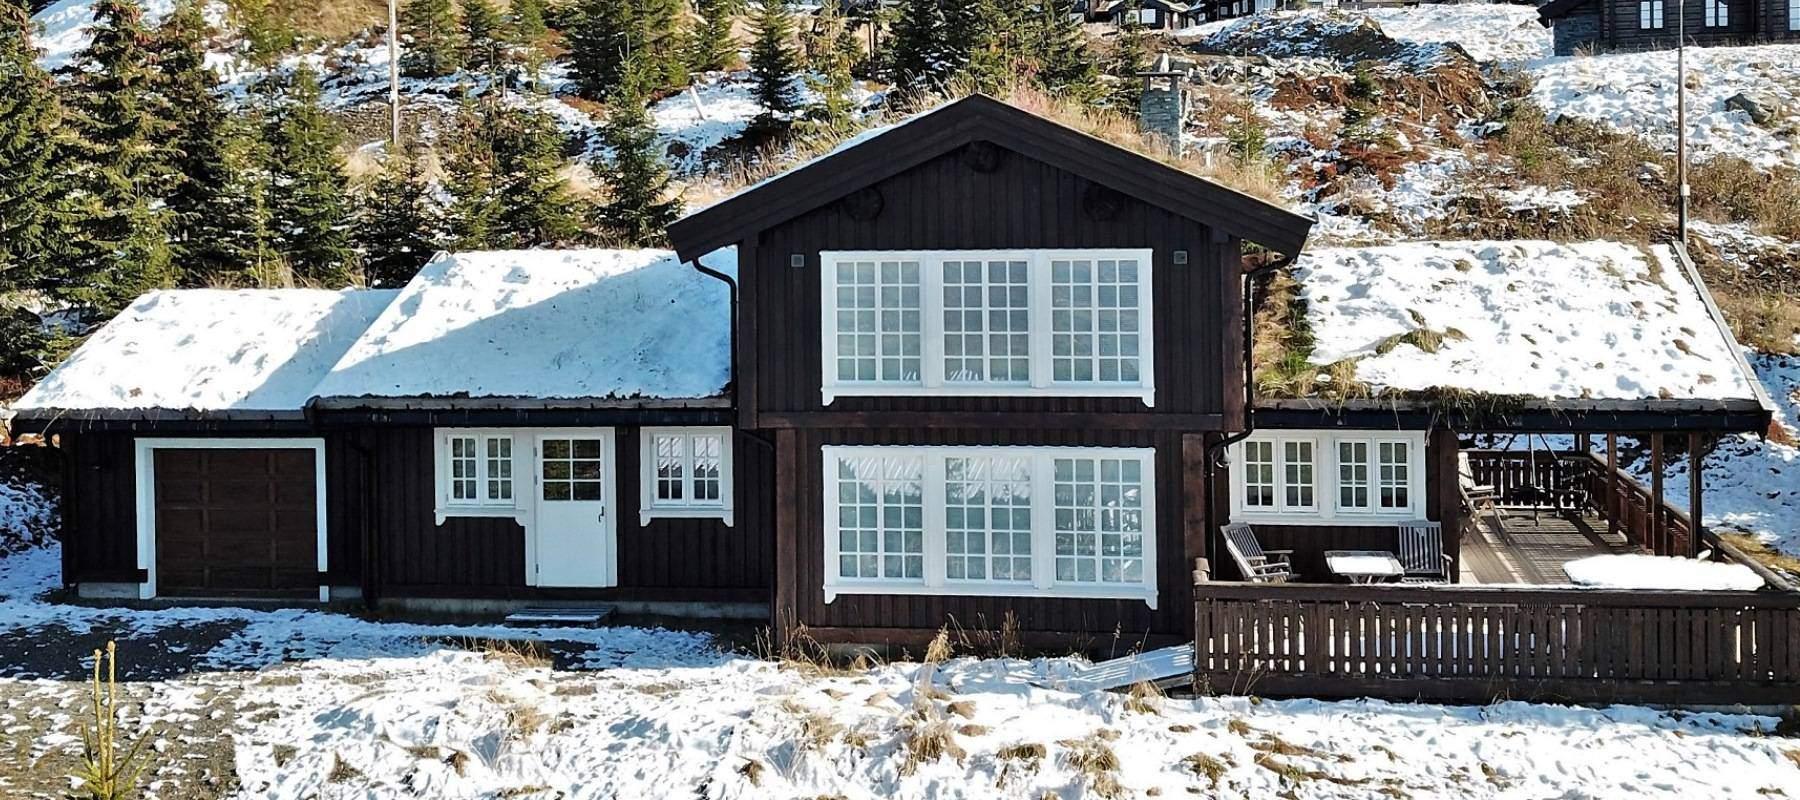 2560 Hafjell Mosetertoppen Hytte Hafjell 135+30